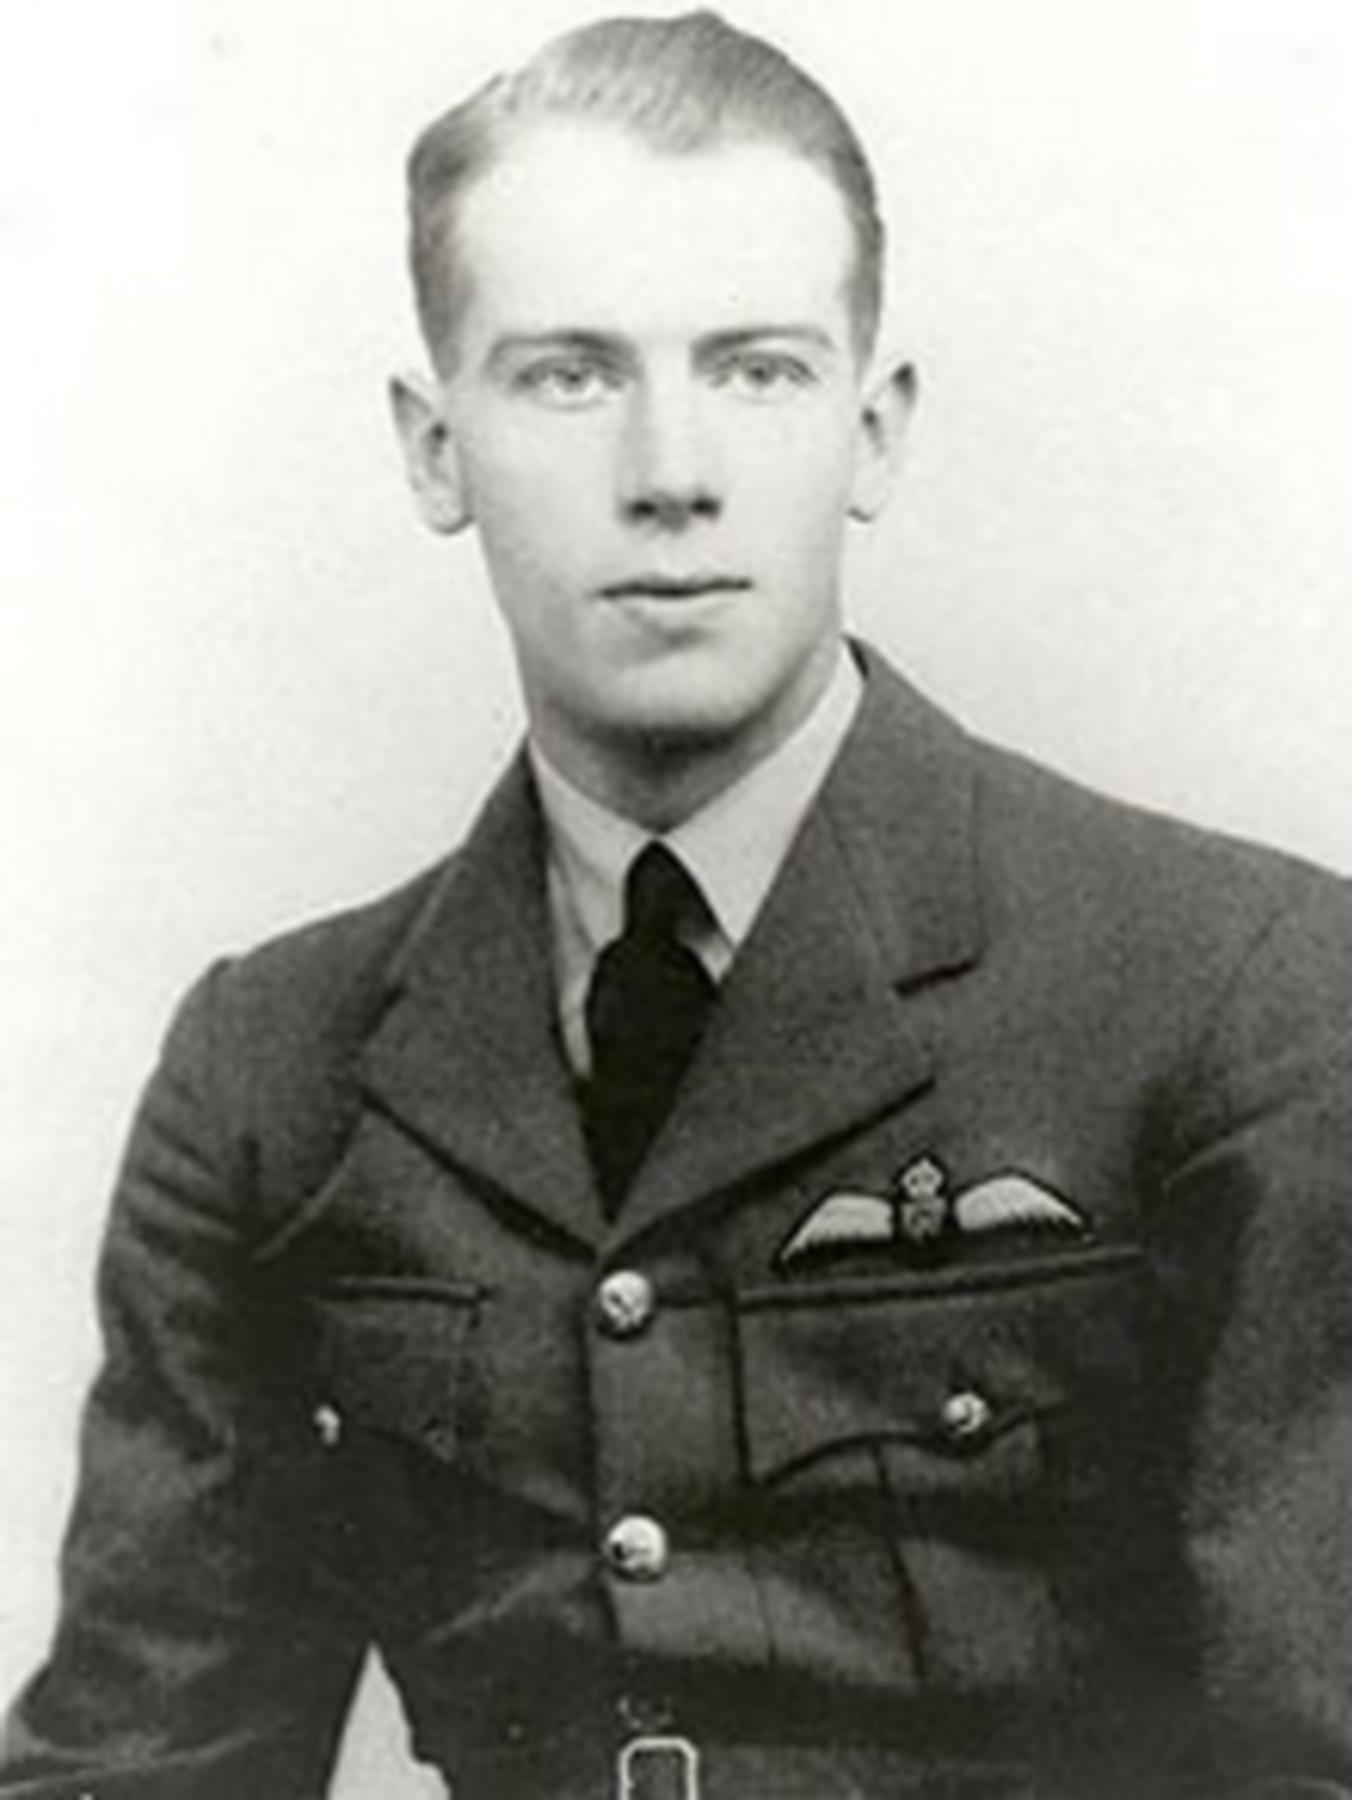 Aircrew RAF 234Sqn Robert Francis Thomas Doe or Bob Doe 01